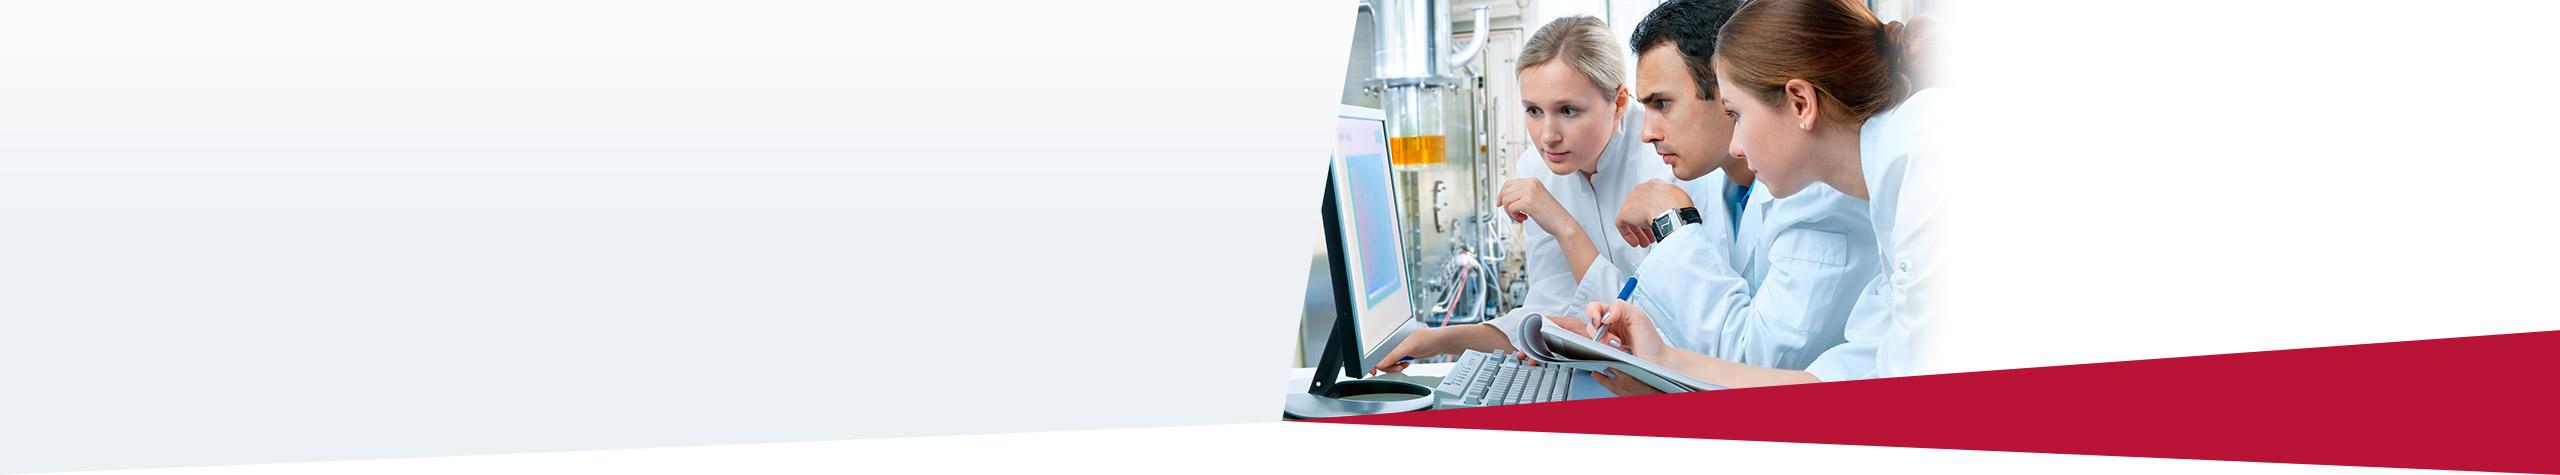 SOLIDWORKS für die Forschung 3D-Produktentwicklung für Forschungsprojekte